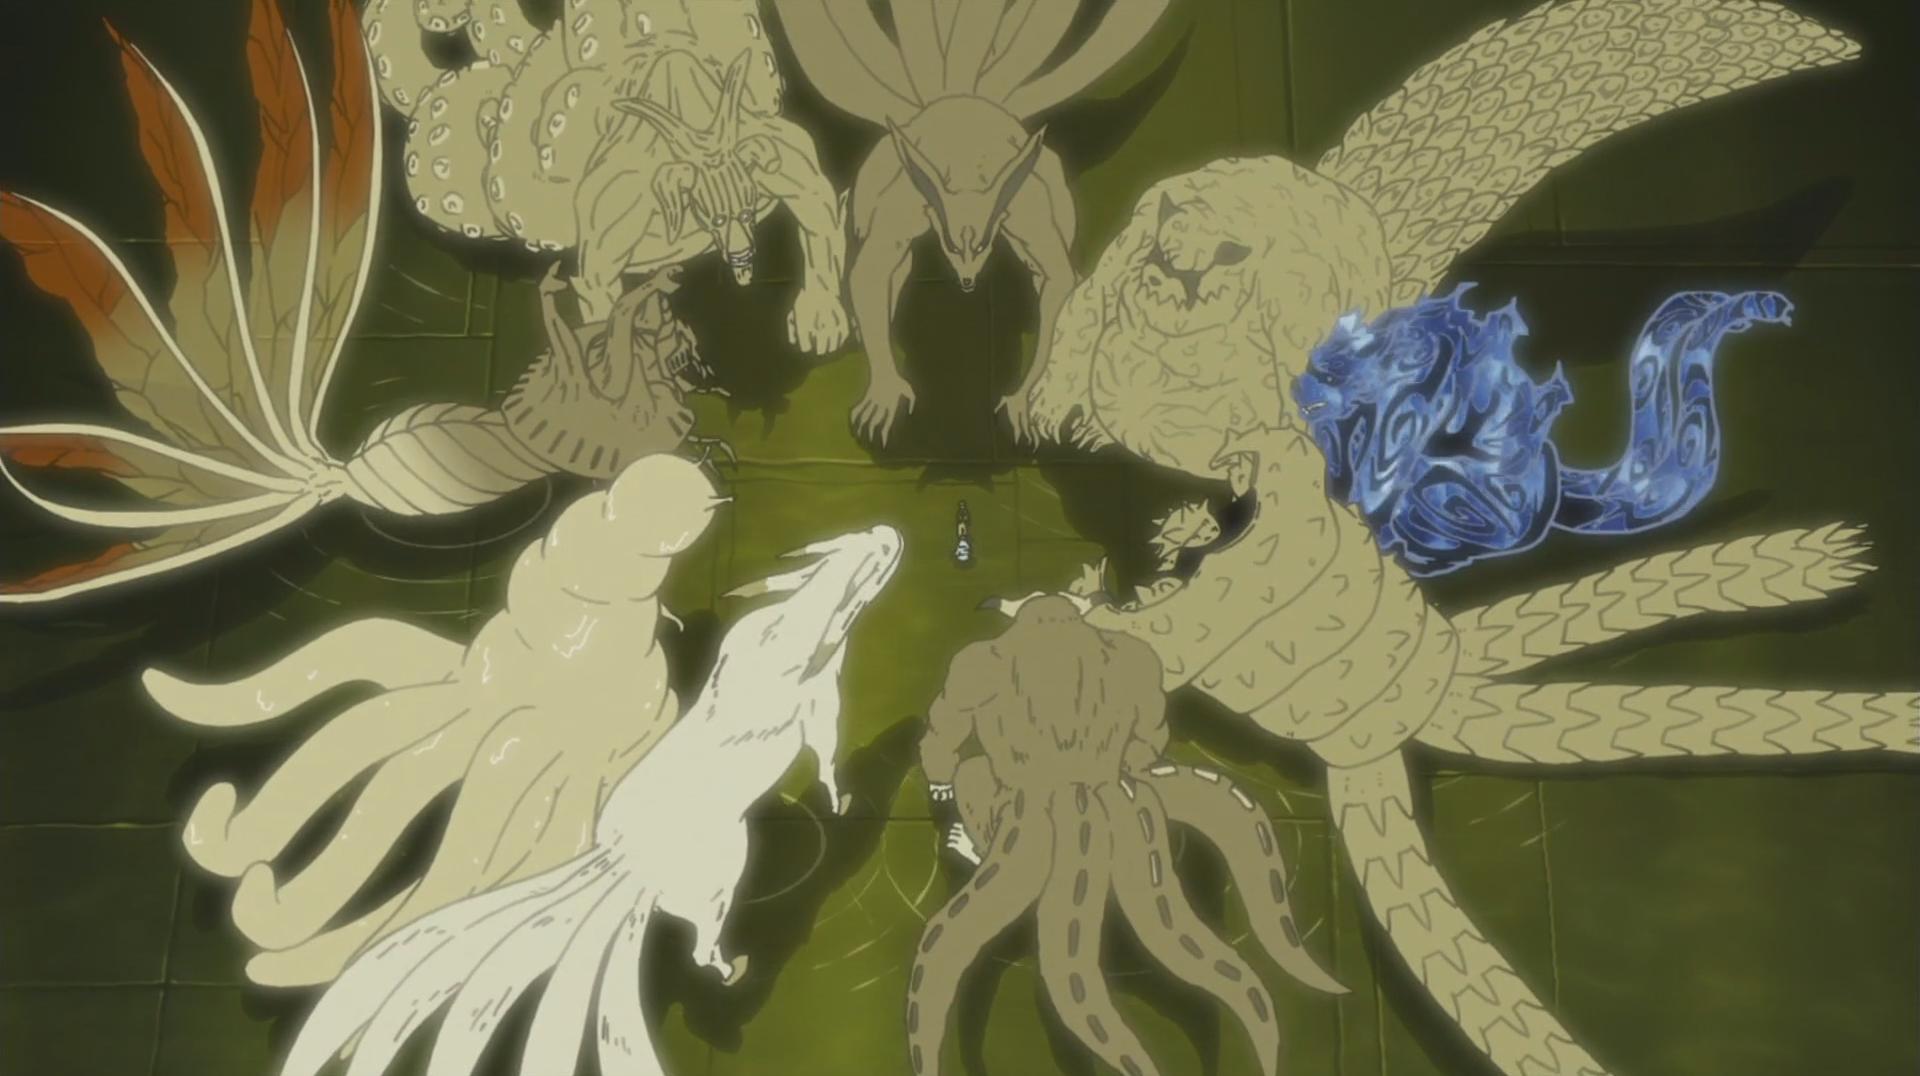 Trong Boruto, vĩ thú đã thay đổi rất nhiều so với thời của Naruto